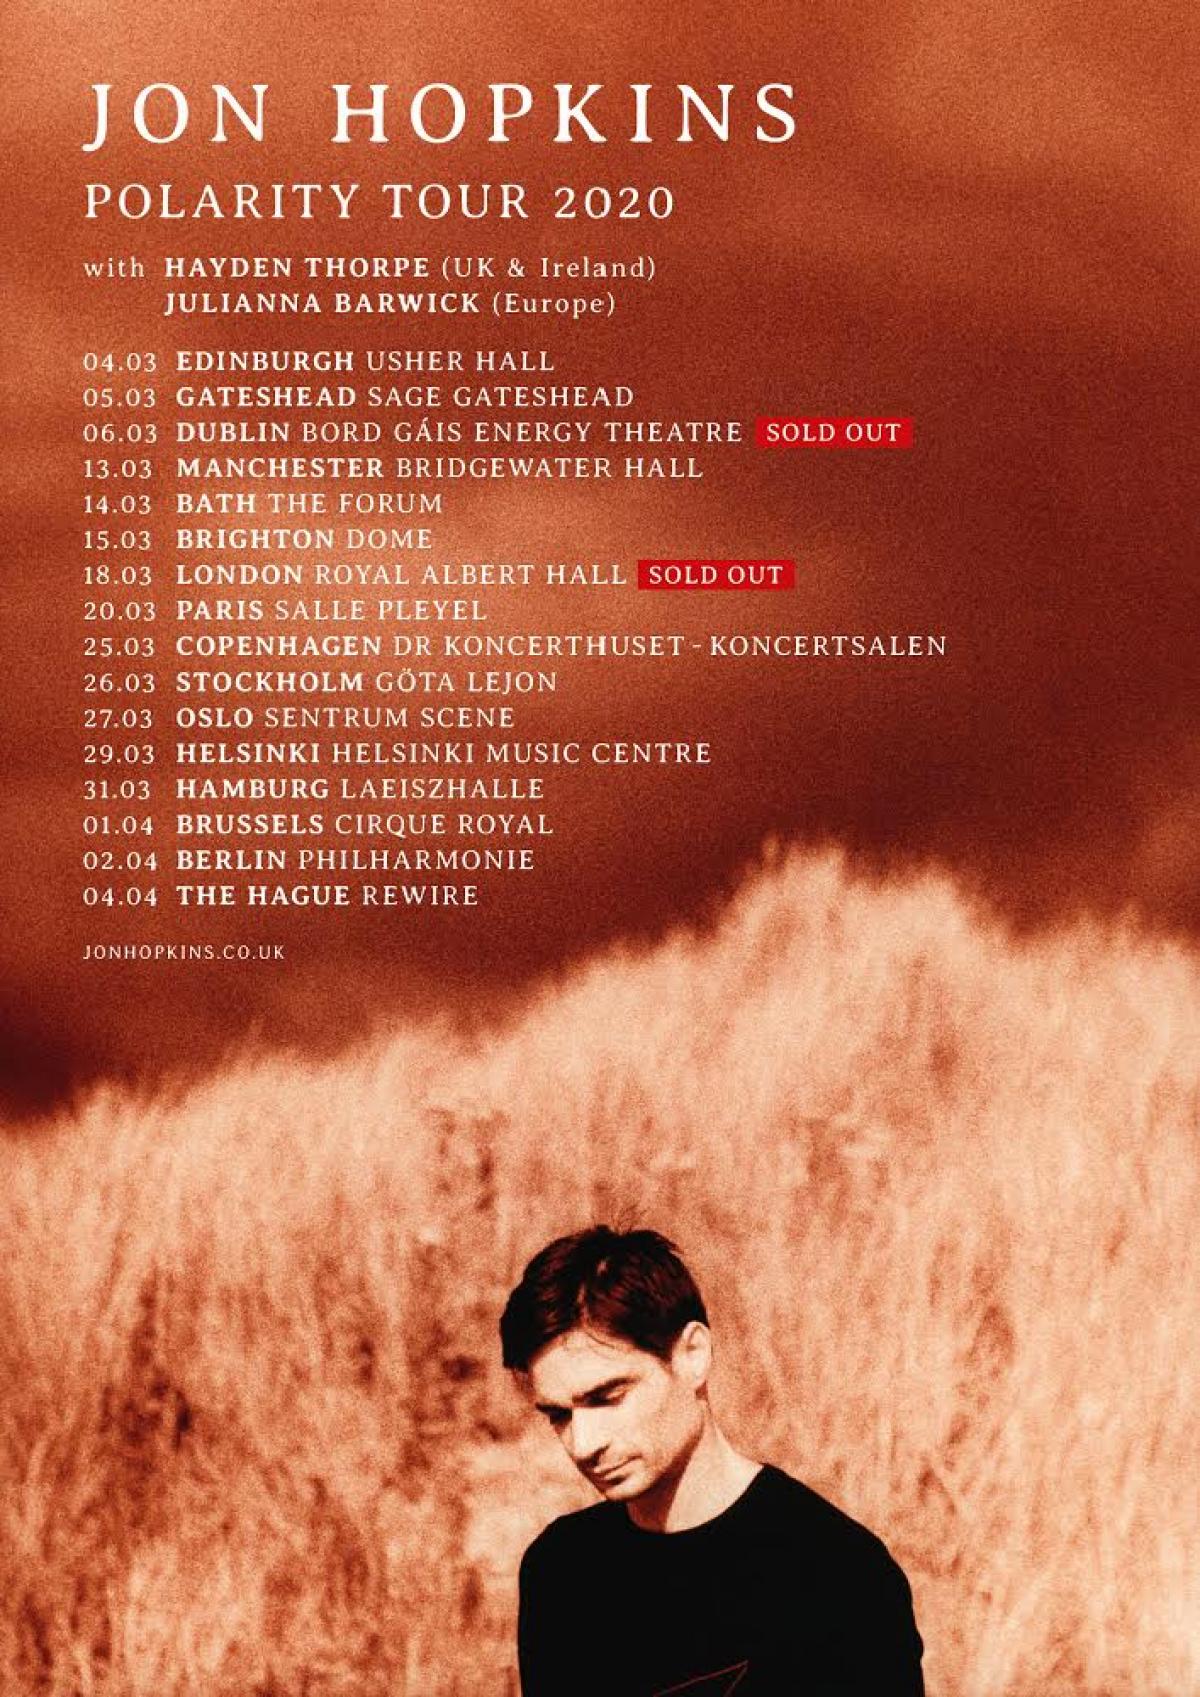 POLARITY tour 2020